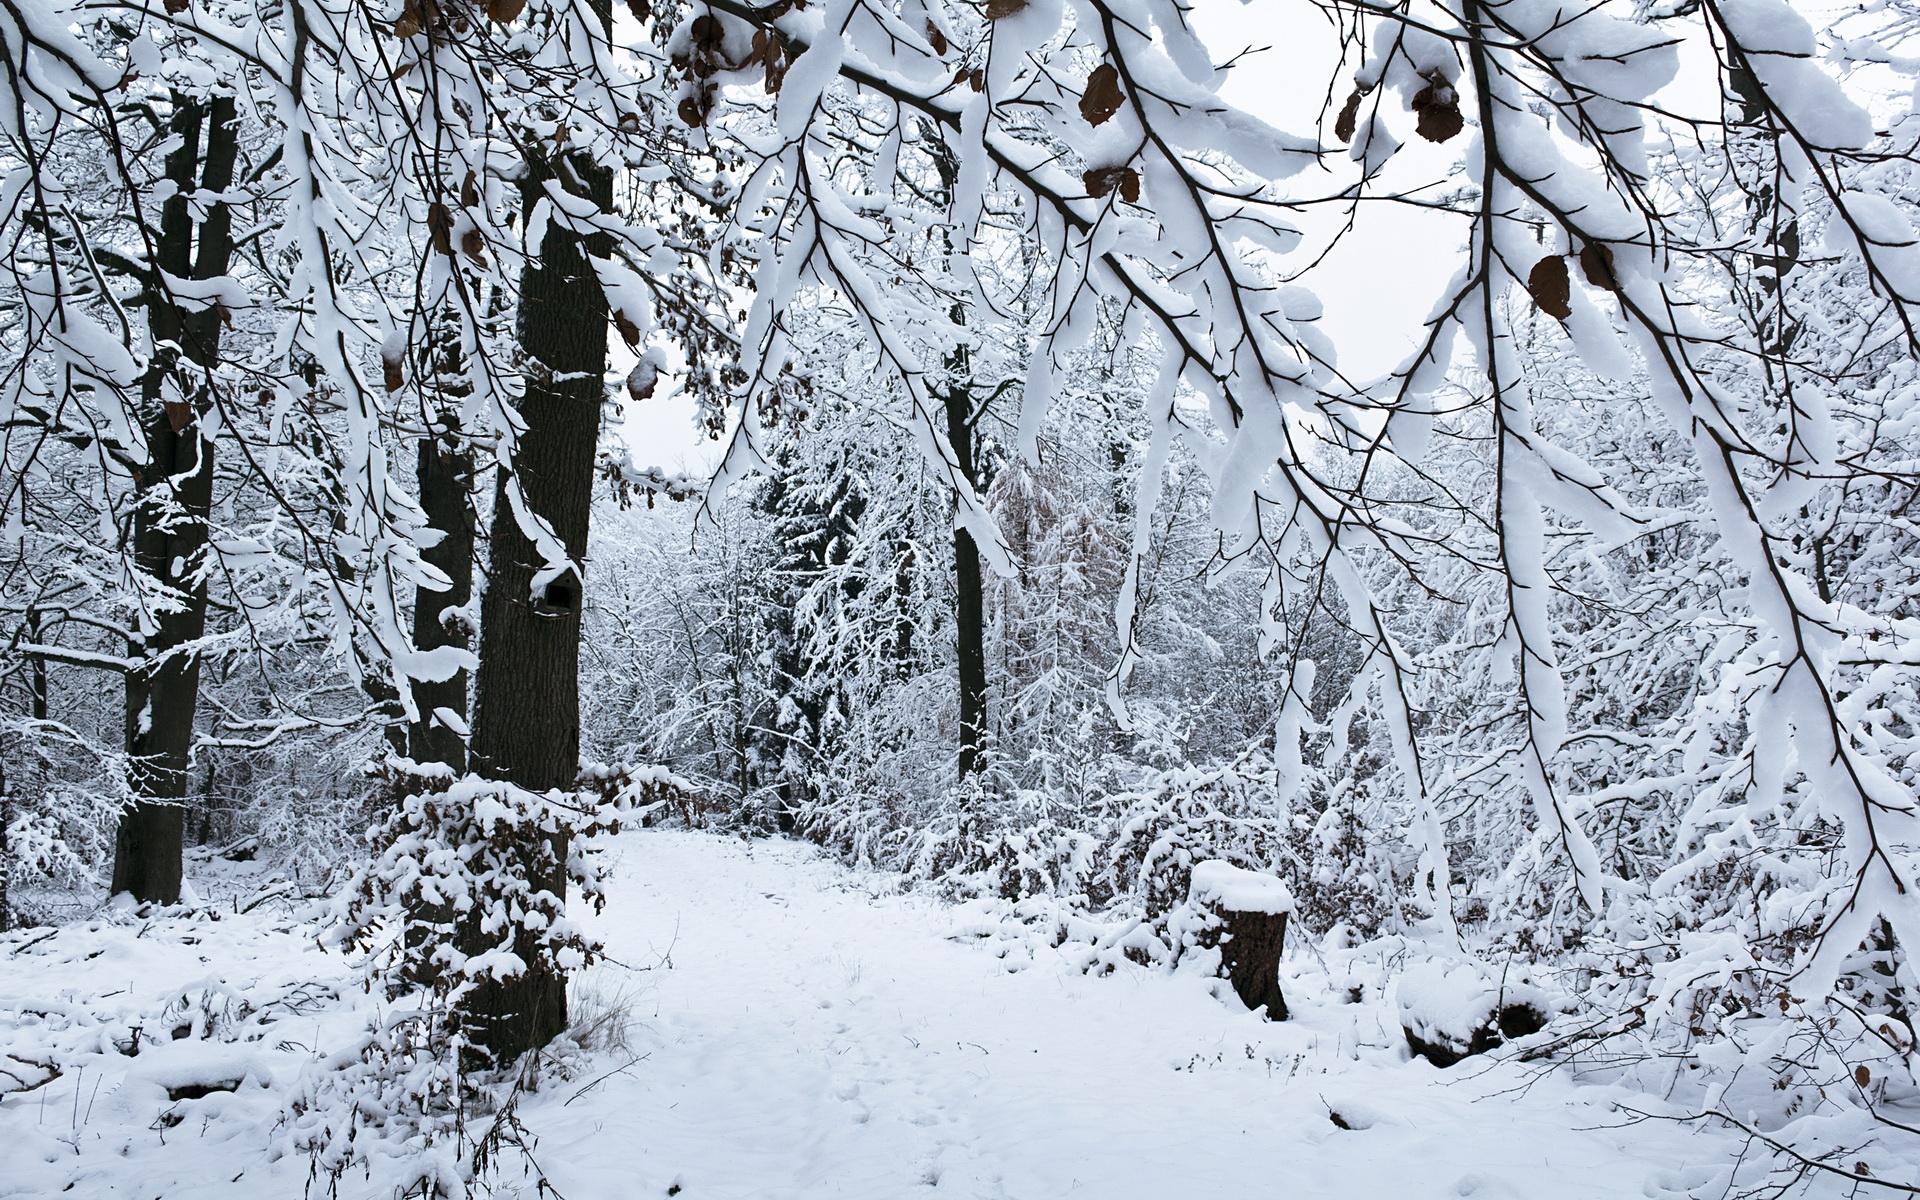 женские картинка лес зима деревья алтынбаева уйгурка матери